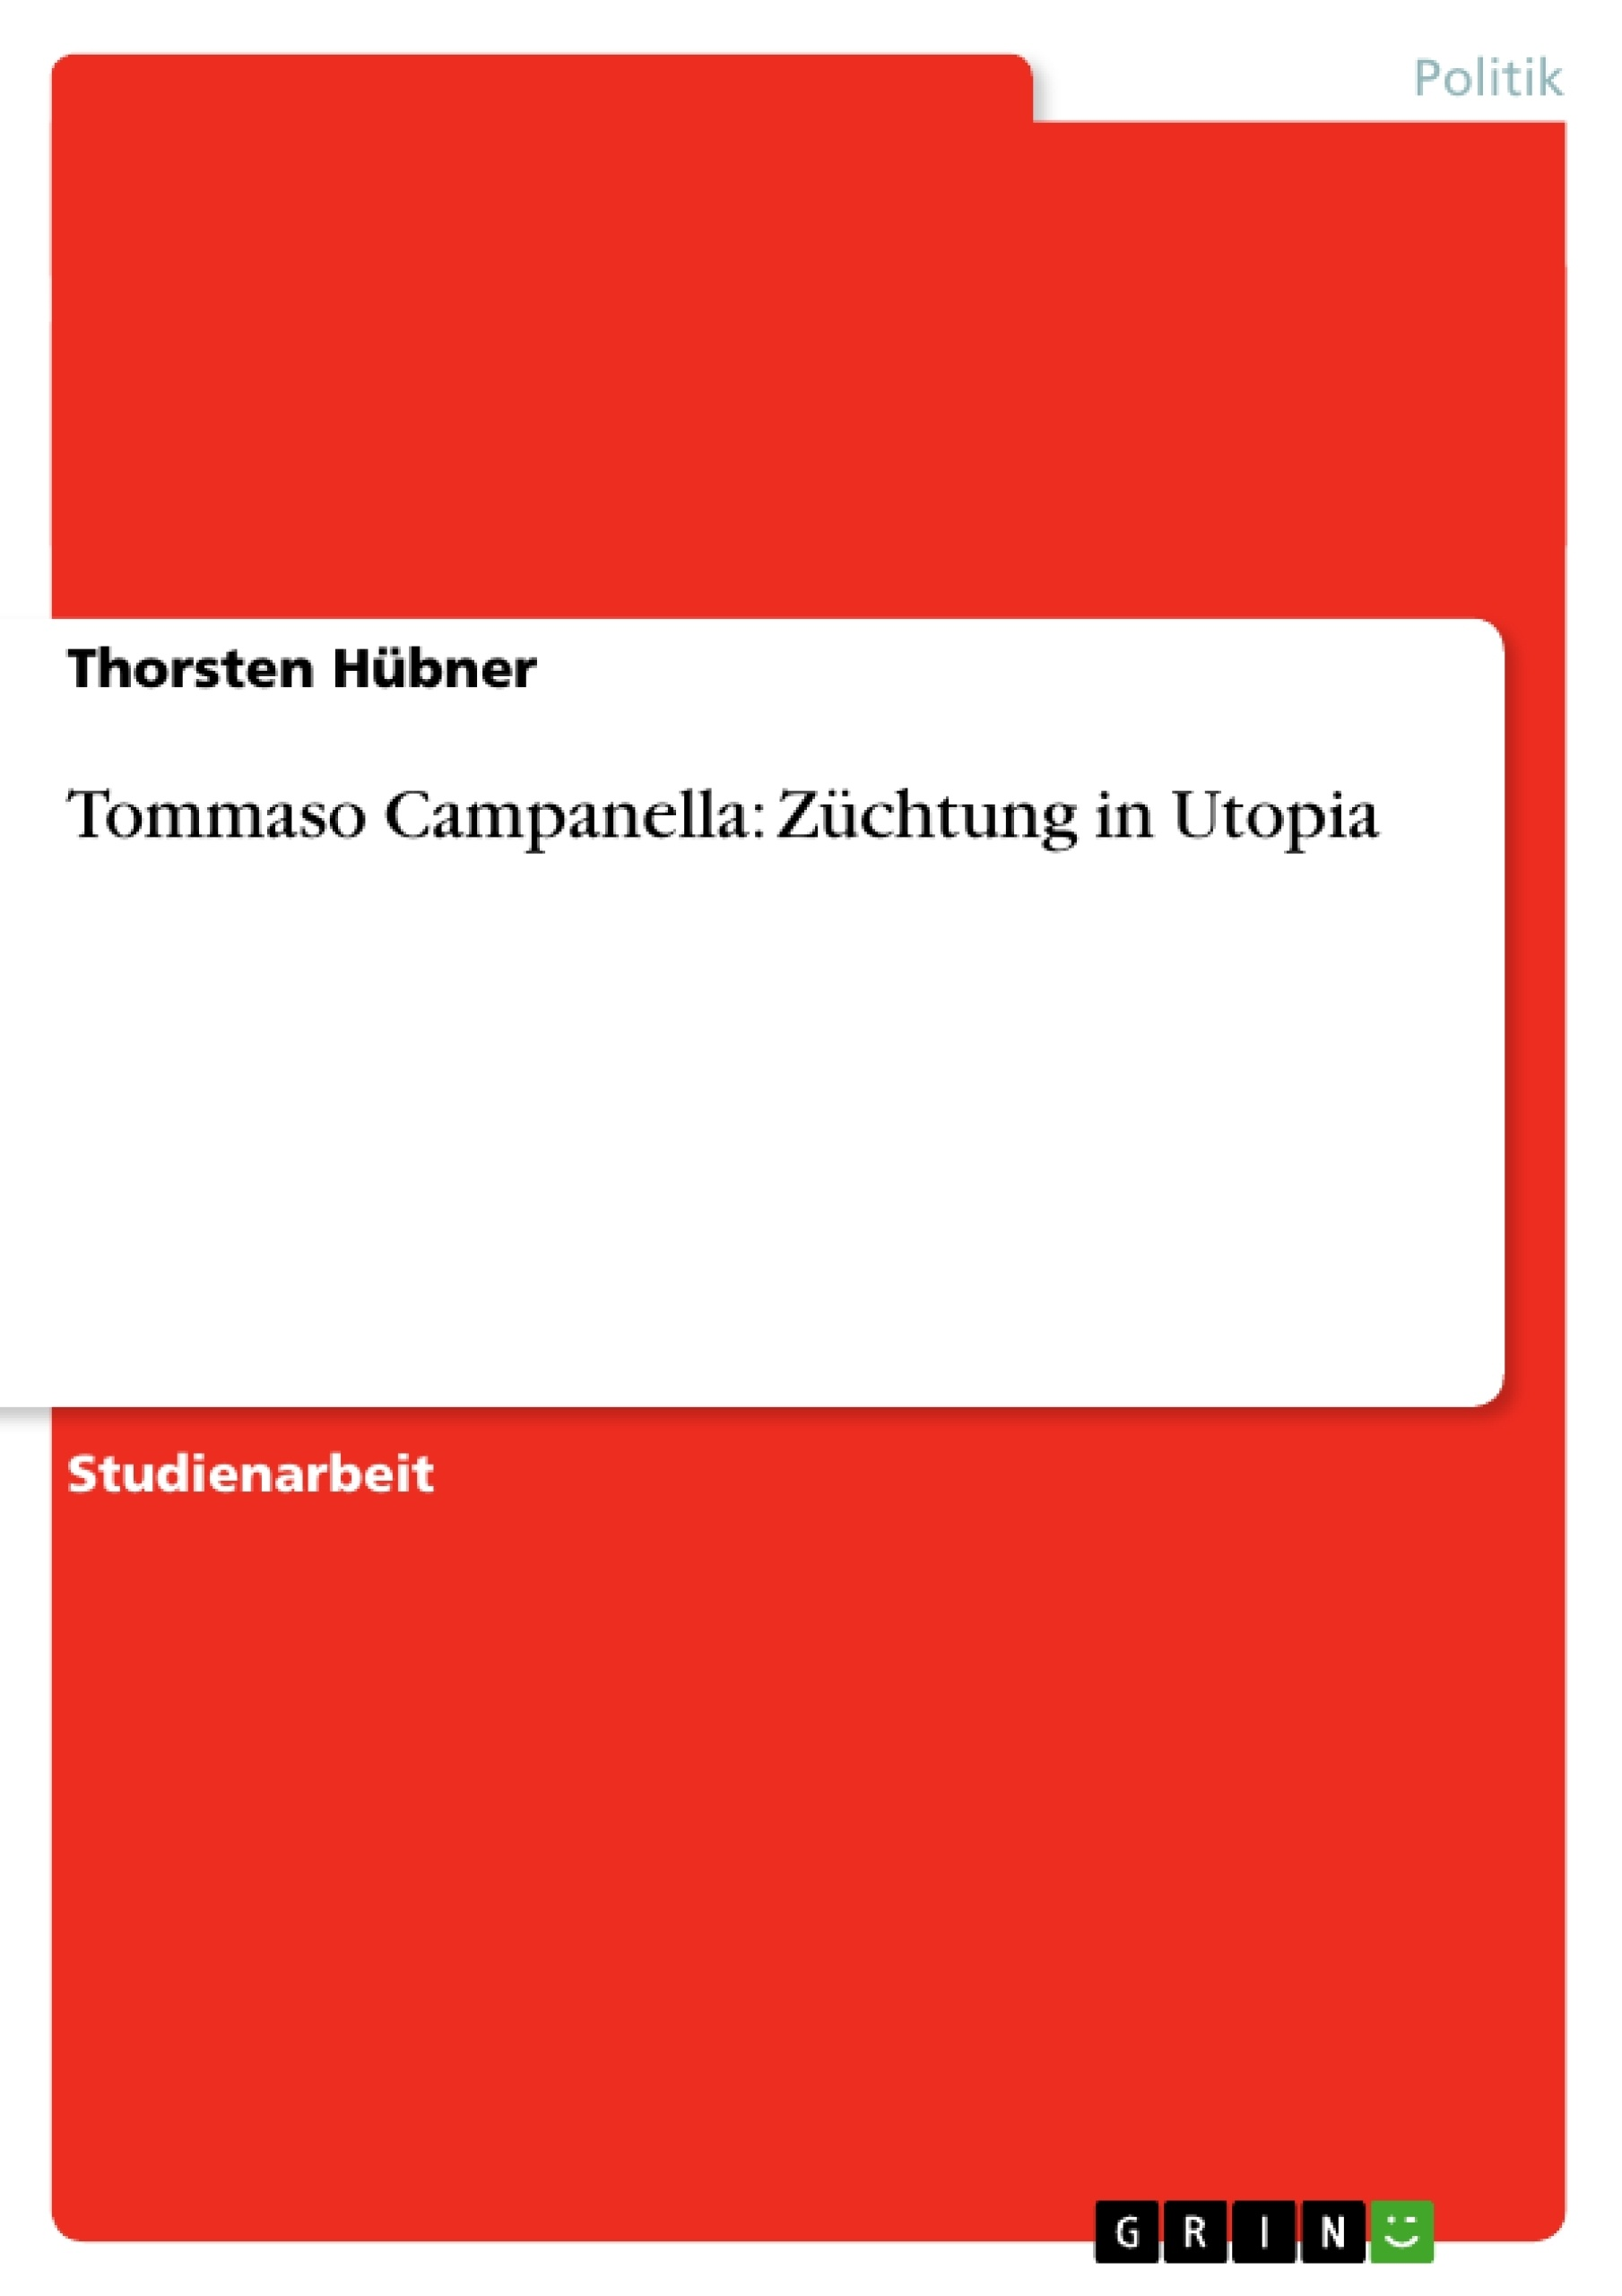 Titel: Tommaso Campanella: Züchtung in Utopia